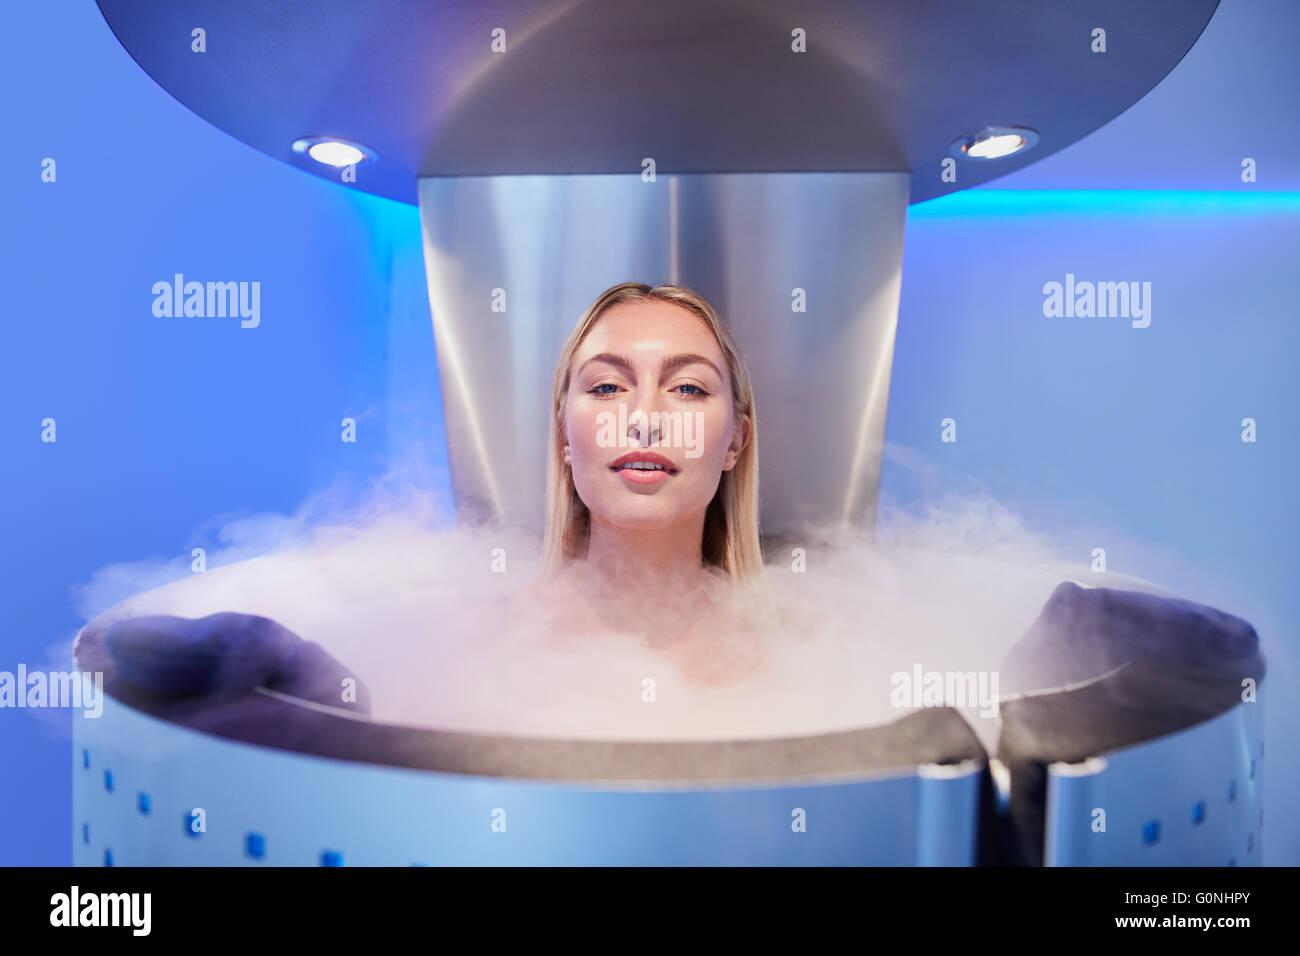 Portrait d'une belle jeune femme en cryosauna cabine pour la cryothérapie du corps entier. Les femmes de Photo Stock